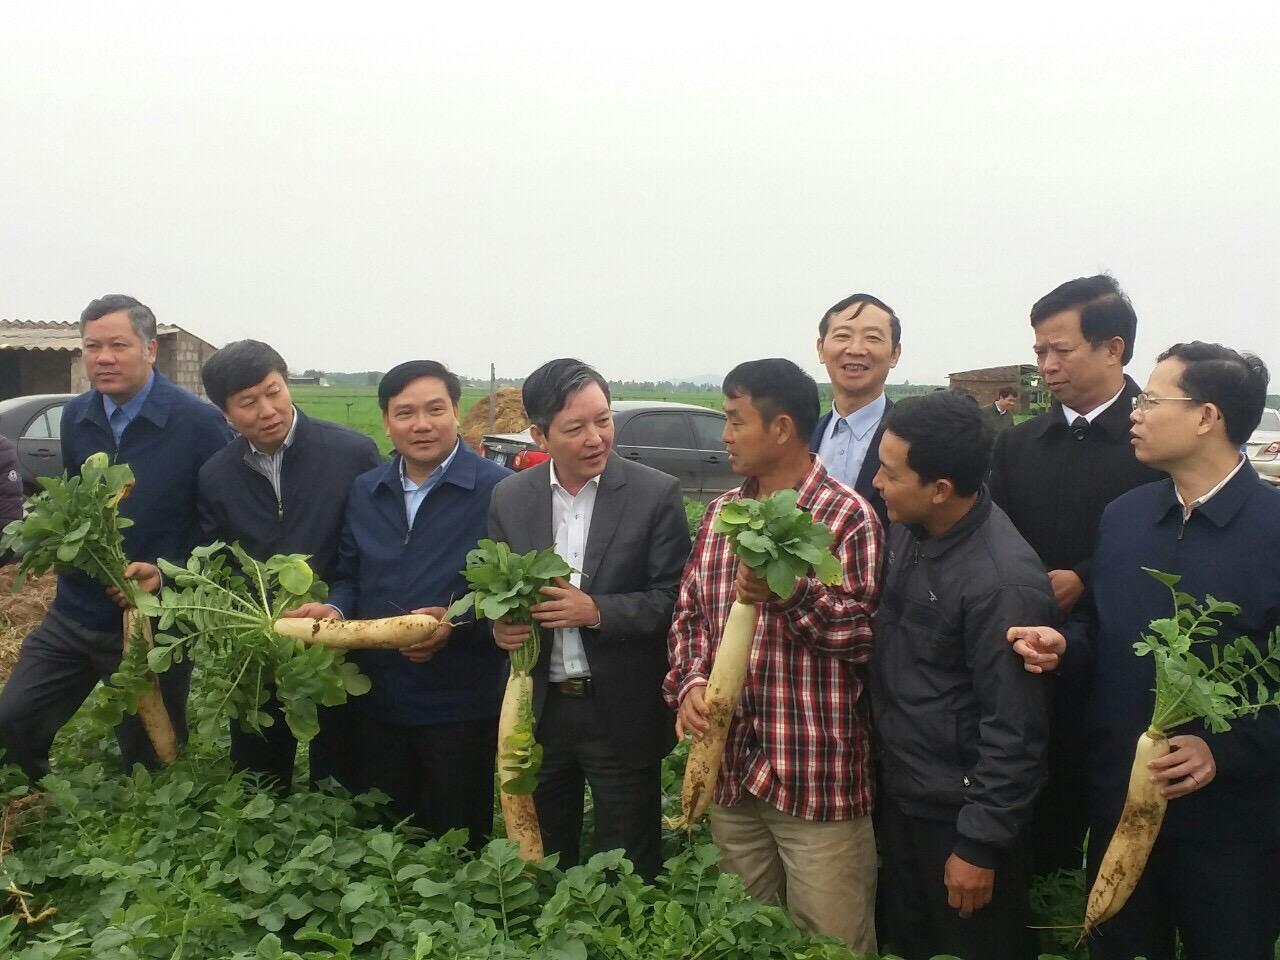 """Tân Chủ tịch Hội Nông dân Việt Nam Lương Quốc Đoàn: Hội cần thúc đẩy """"nhu cầu đổi mới"""" của nông dân - Ảnh 2."""